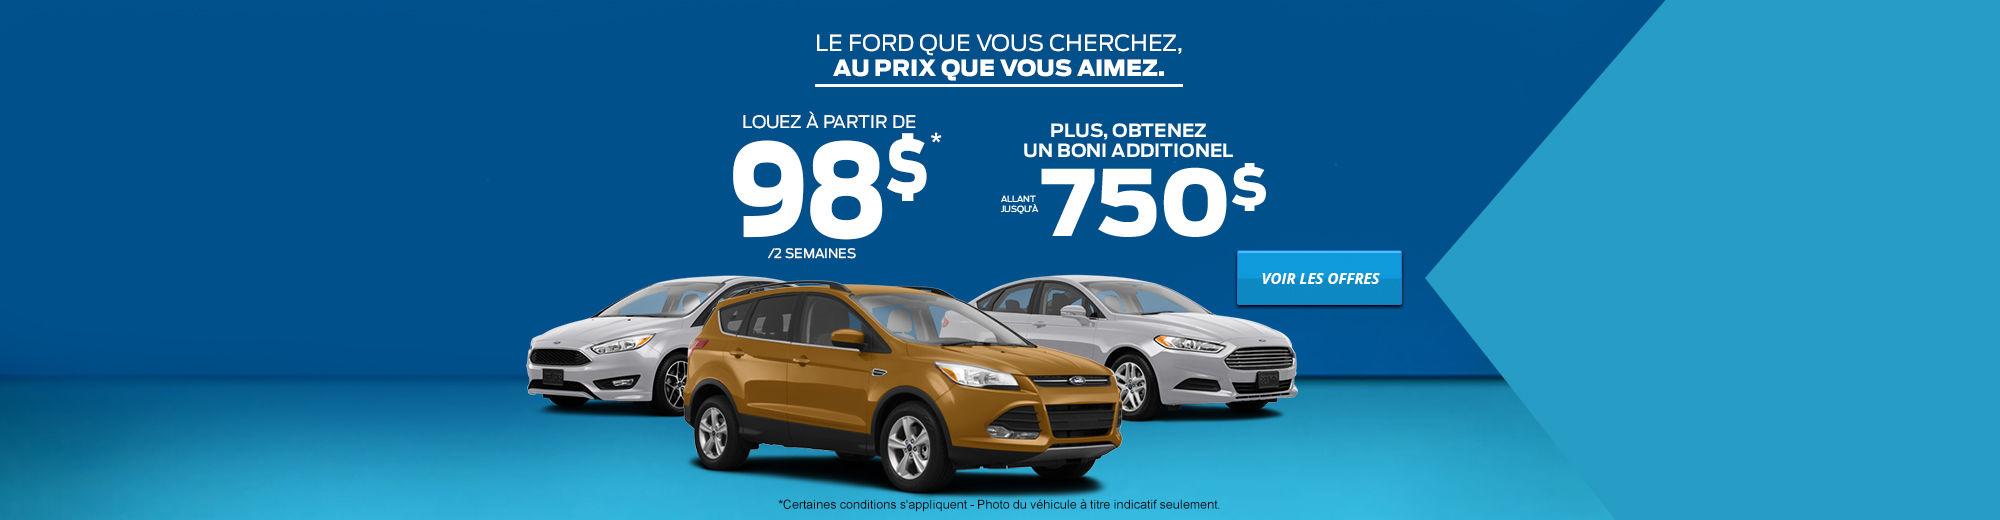 Le Ford que vous cherchez, au prix que vous aimez.